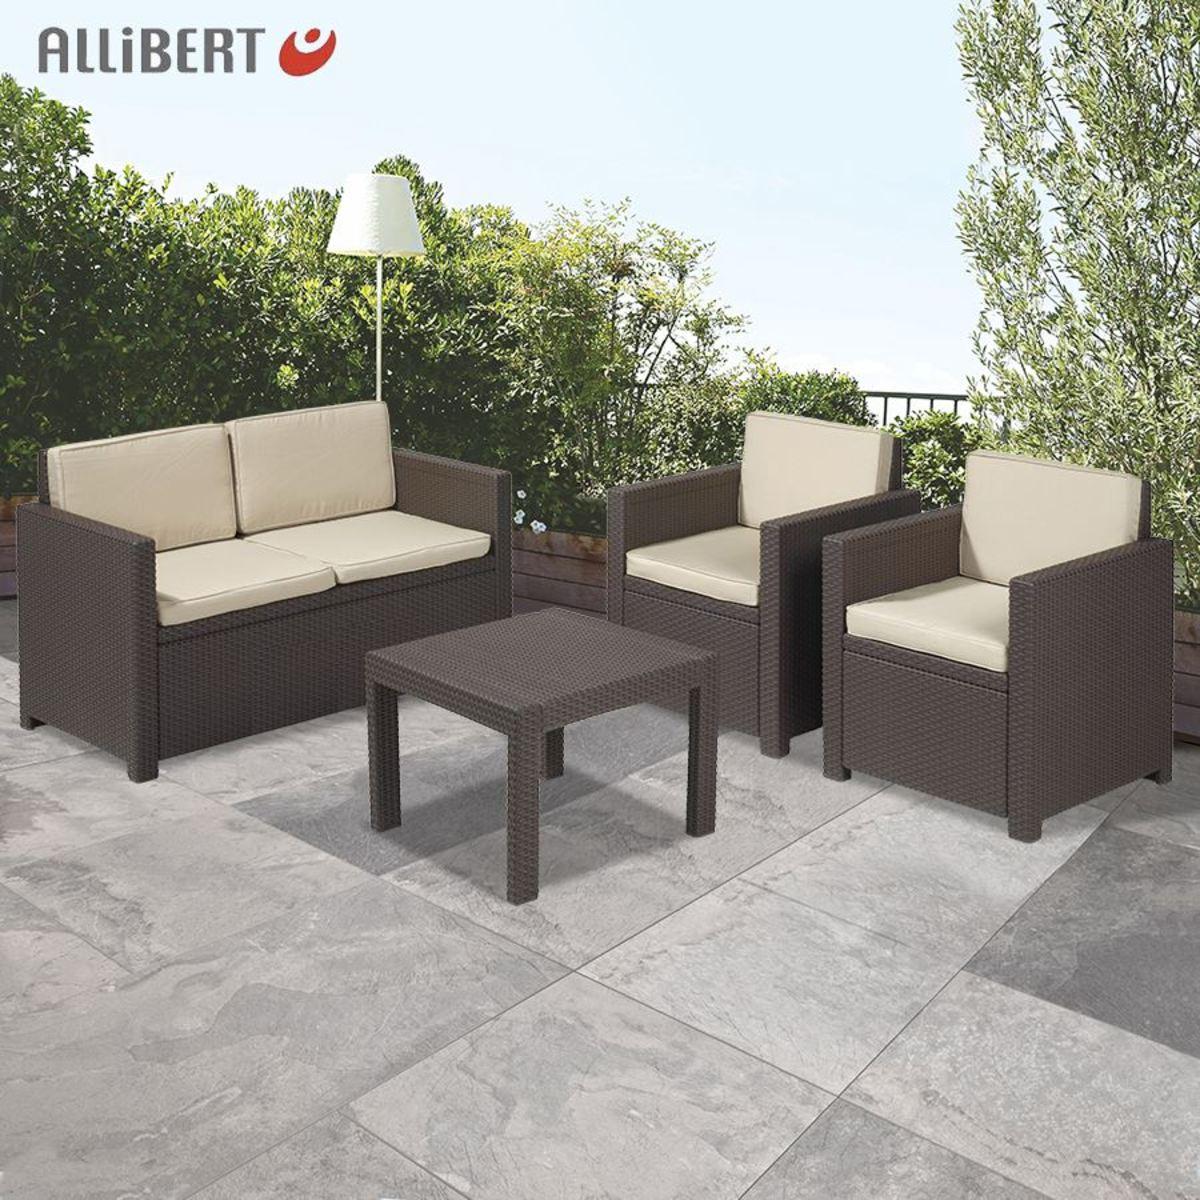 Bild 1 von Allibert Lounge-Sitzgruppe Victoria Braun mit Auflagenset